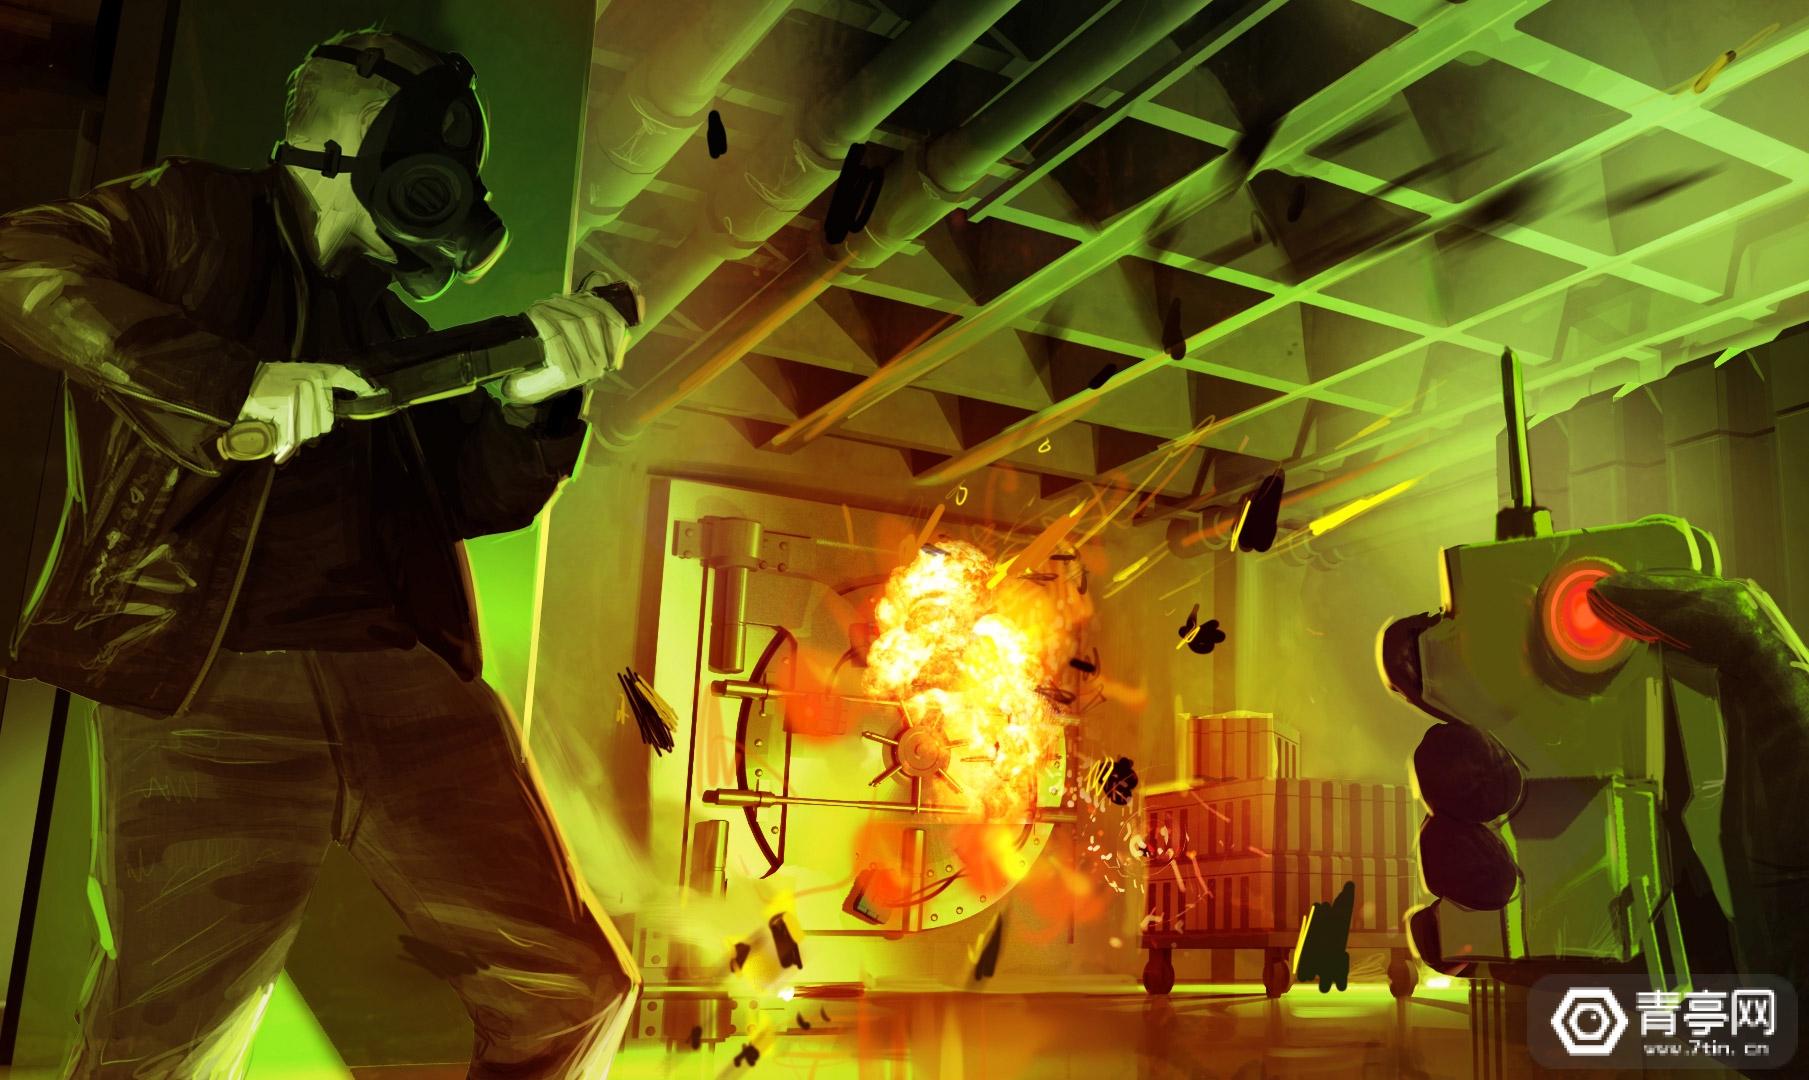 索尼PS VR独占游戏《Blood&Truth》发布免费试玩版